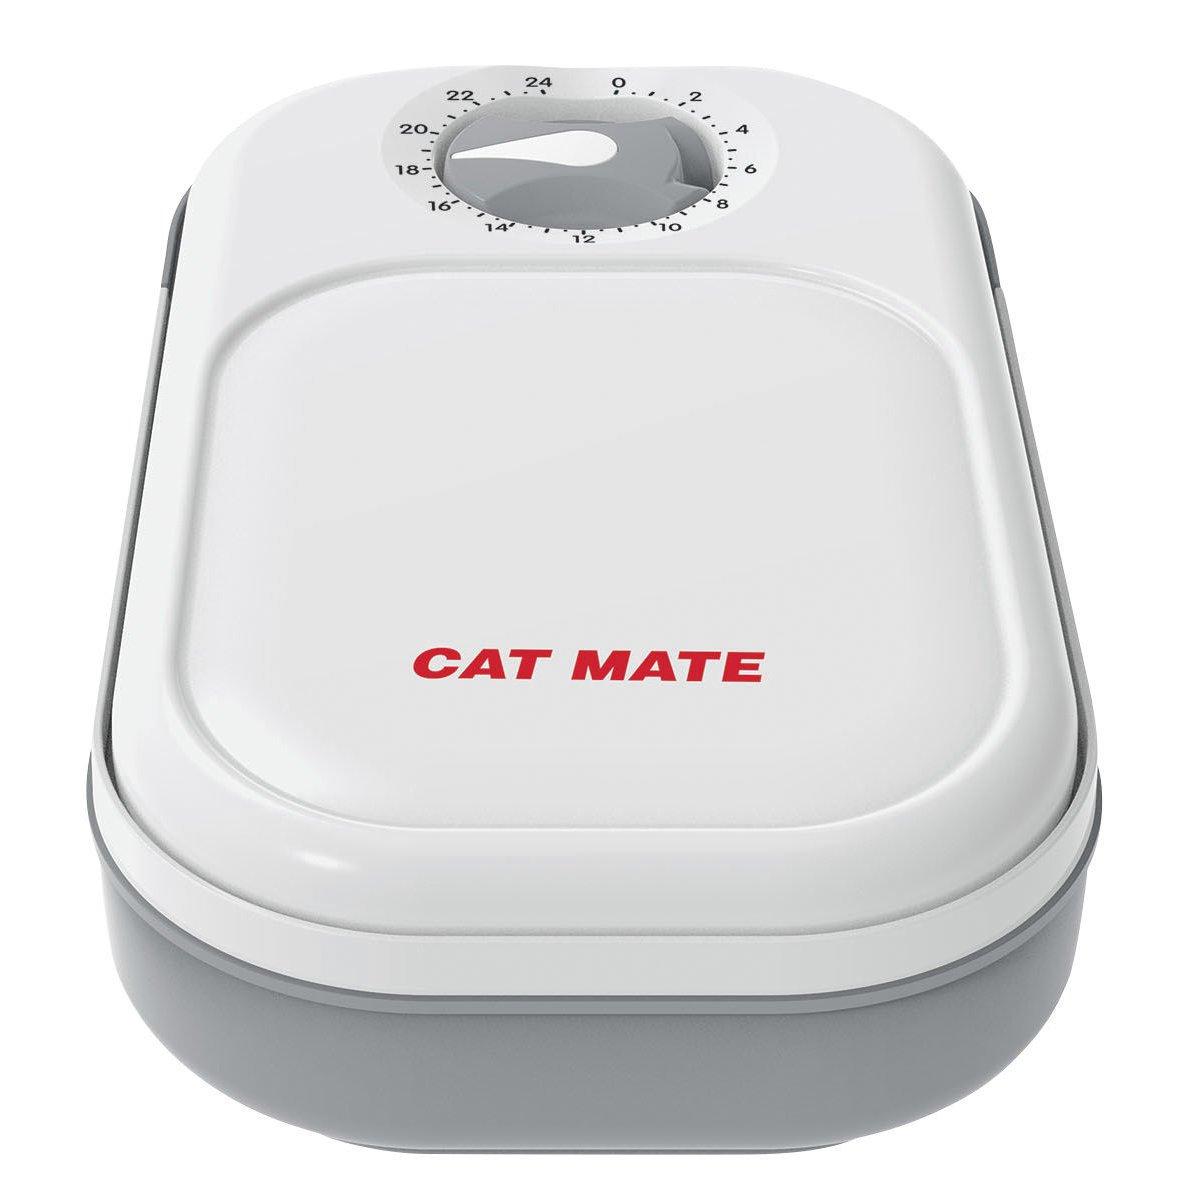 Cat Mate© Futterautomat C100 Bild 1